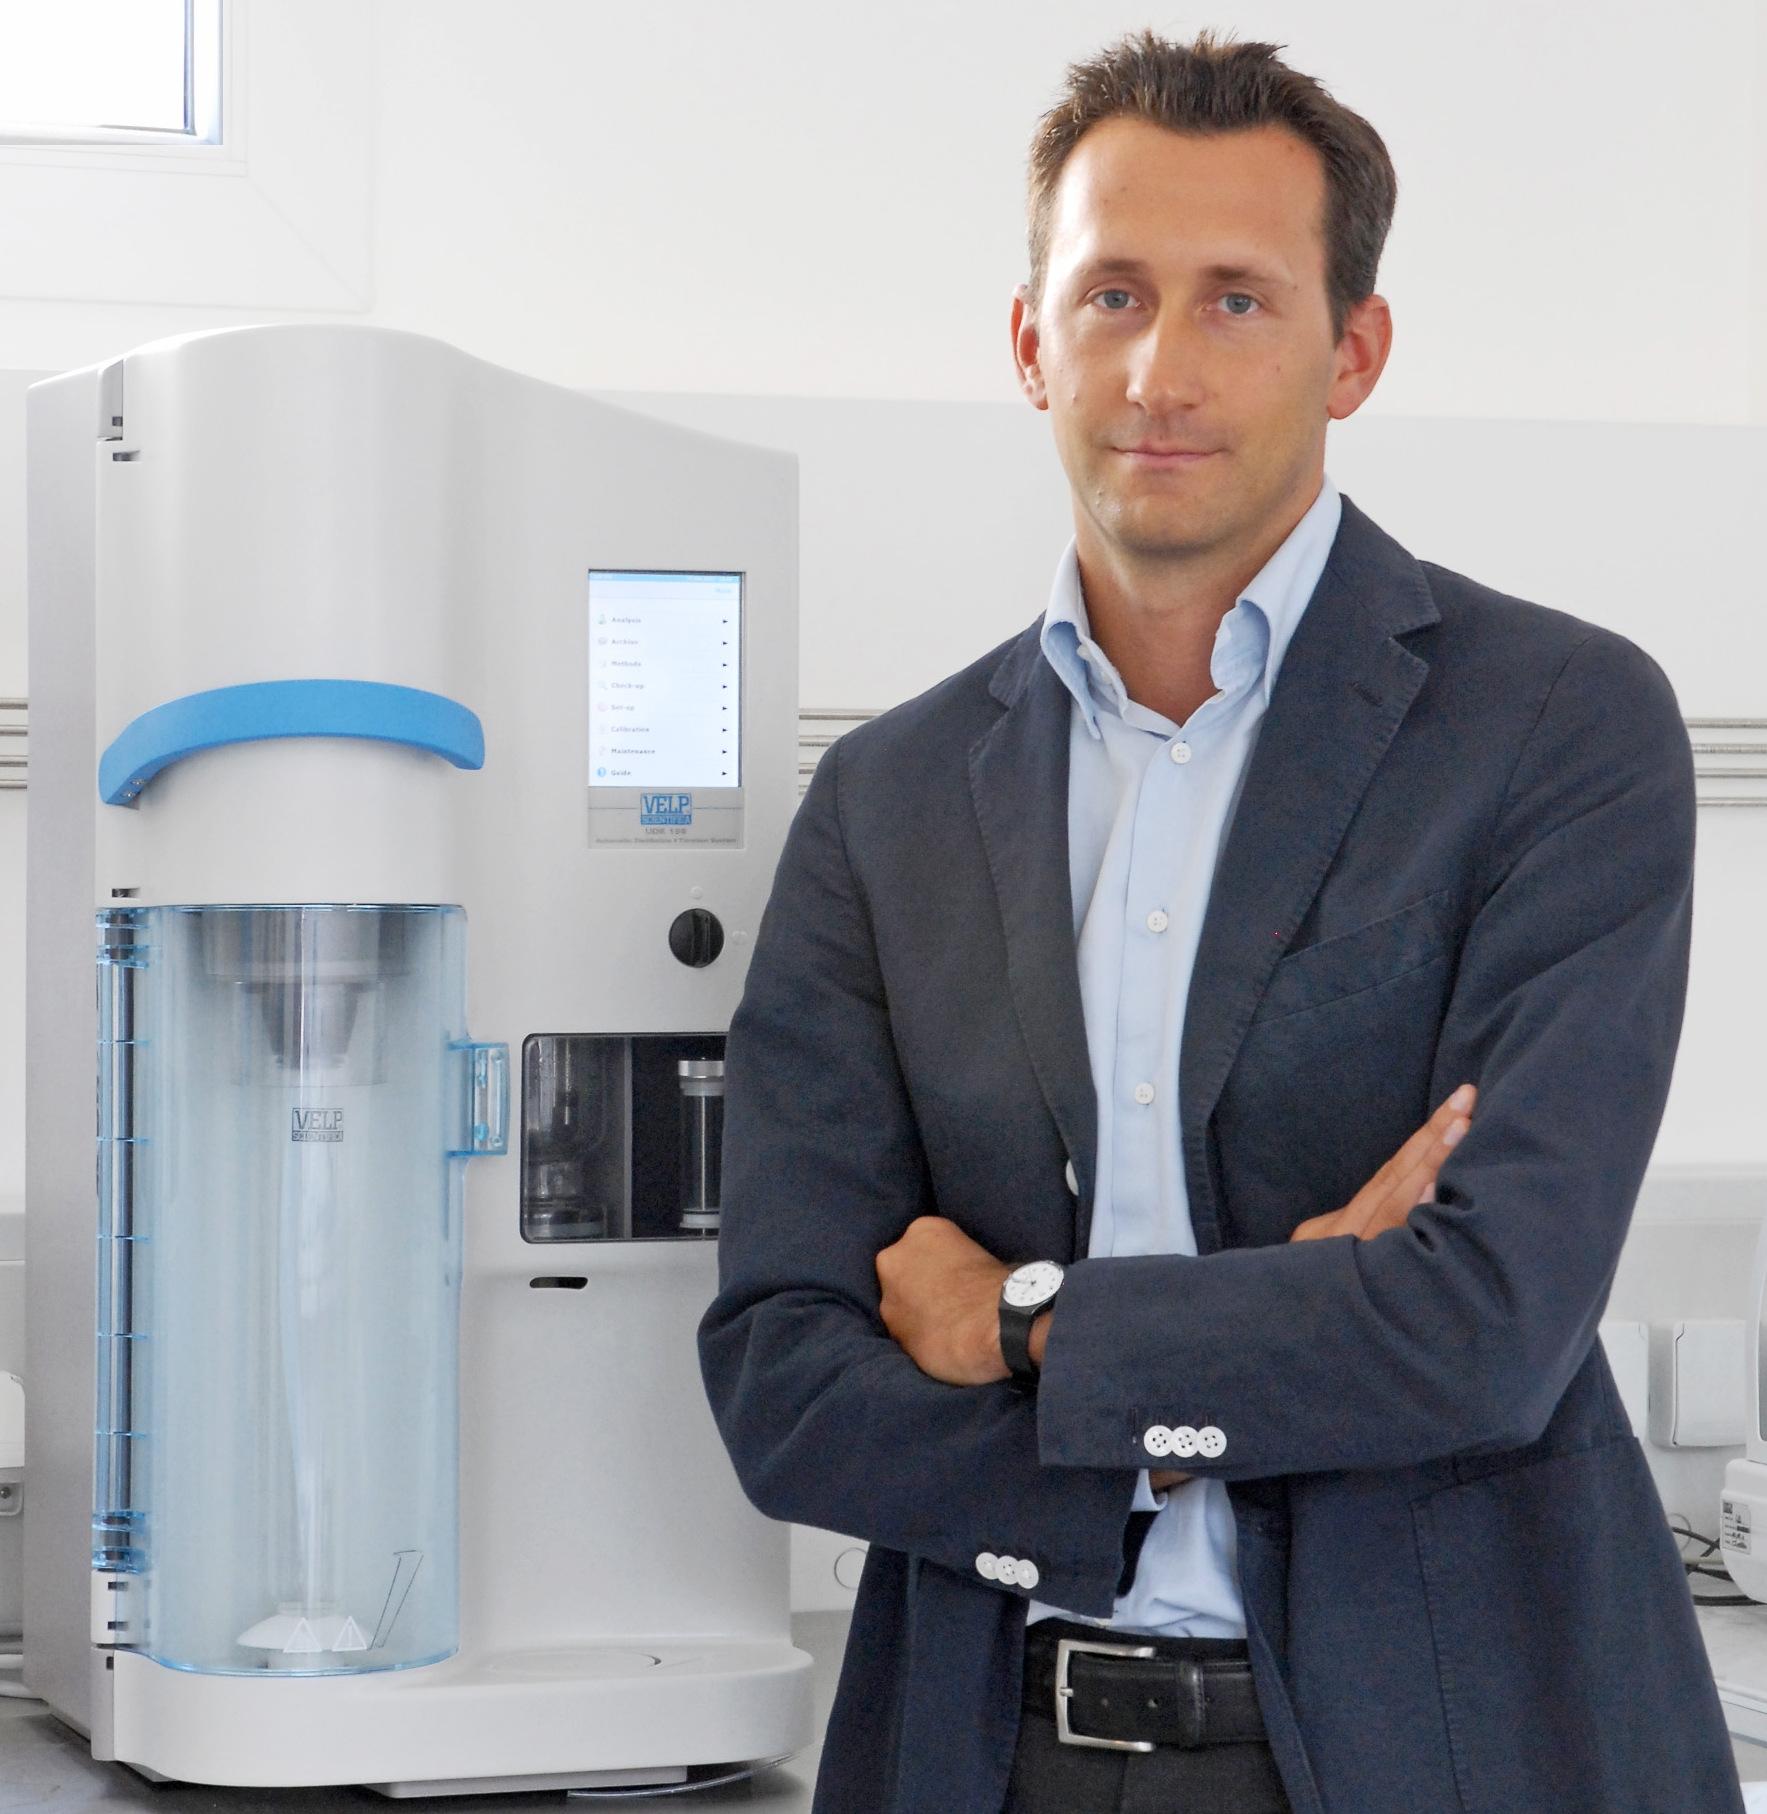 Giovanni Passoni, Amministratore Delegato di Velp Scientifica